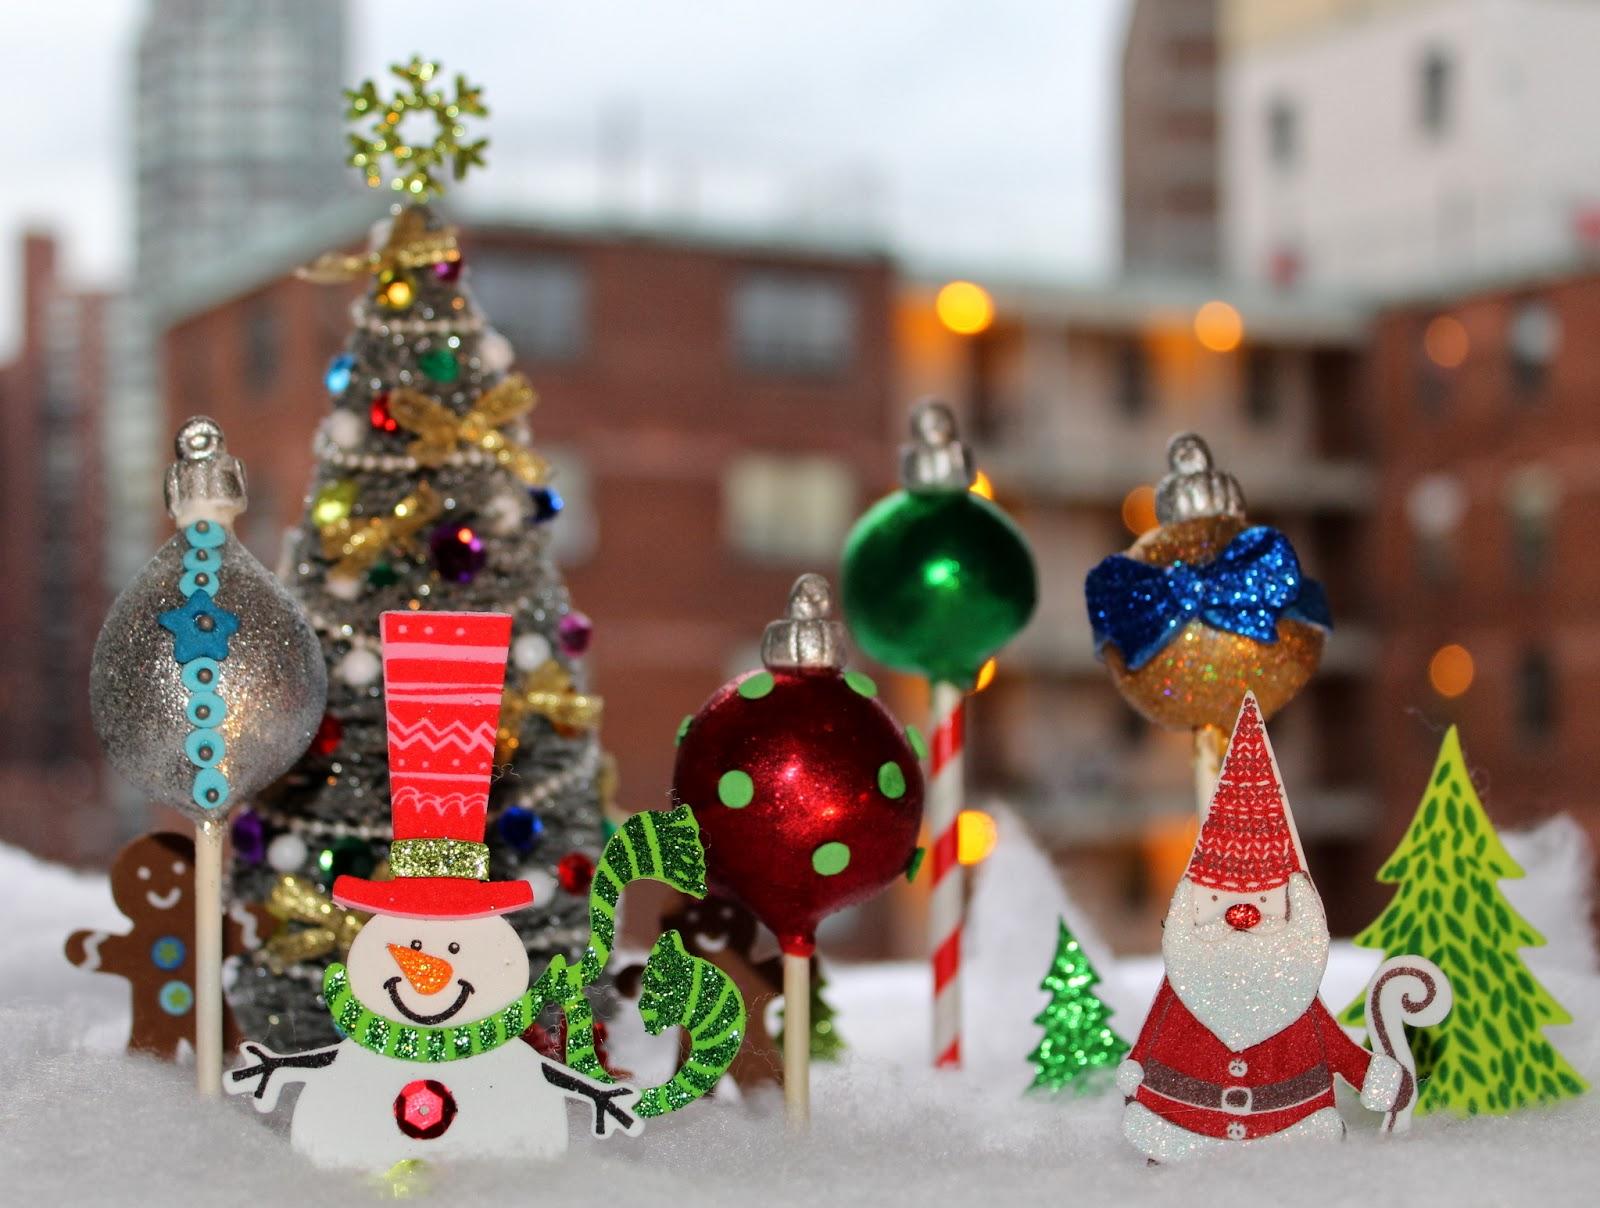 Christmas Ornaments Cake Pops - Pint Sized Baker